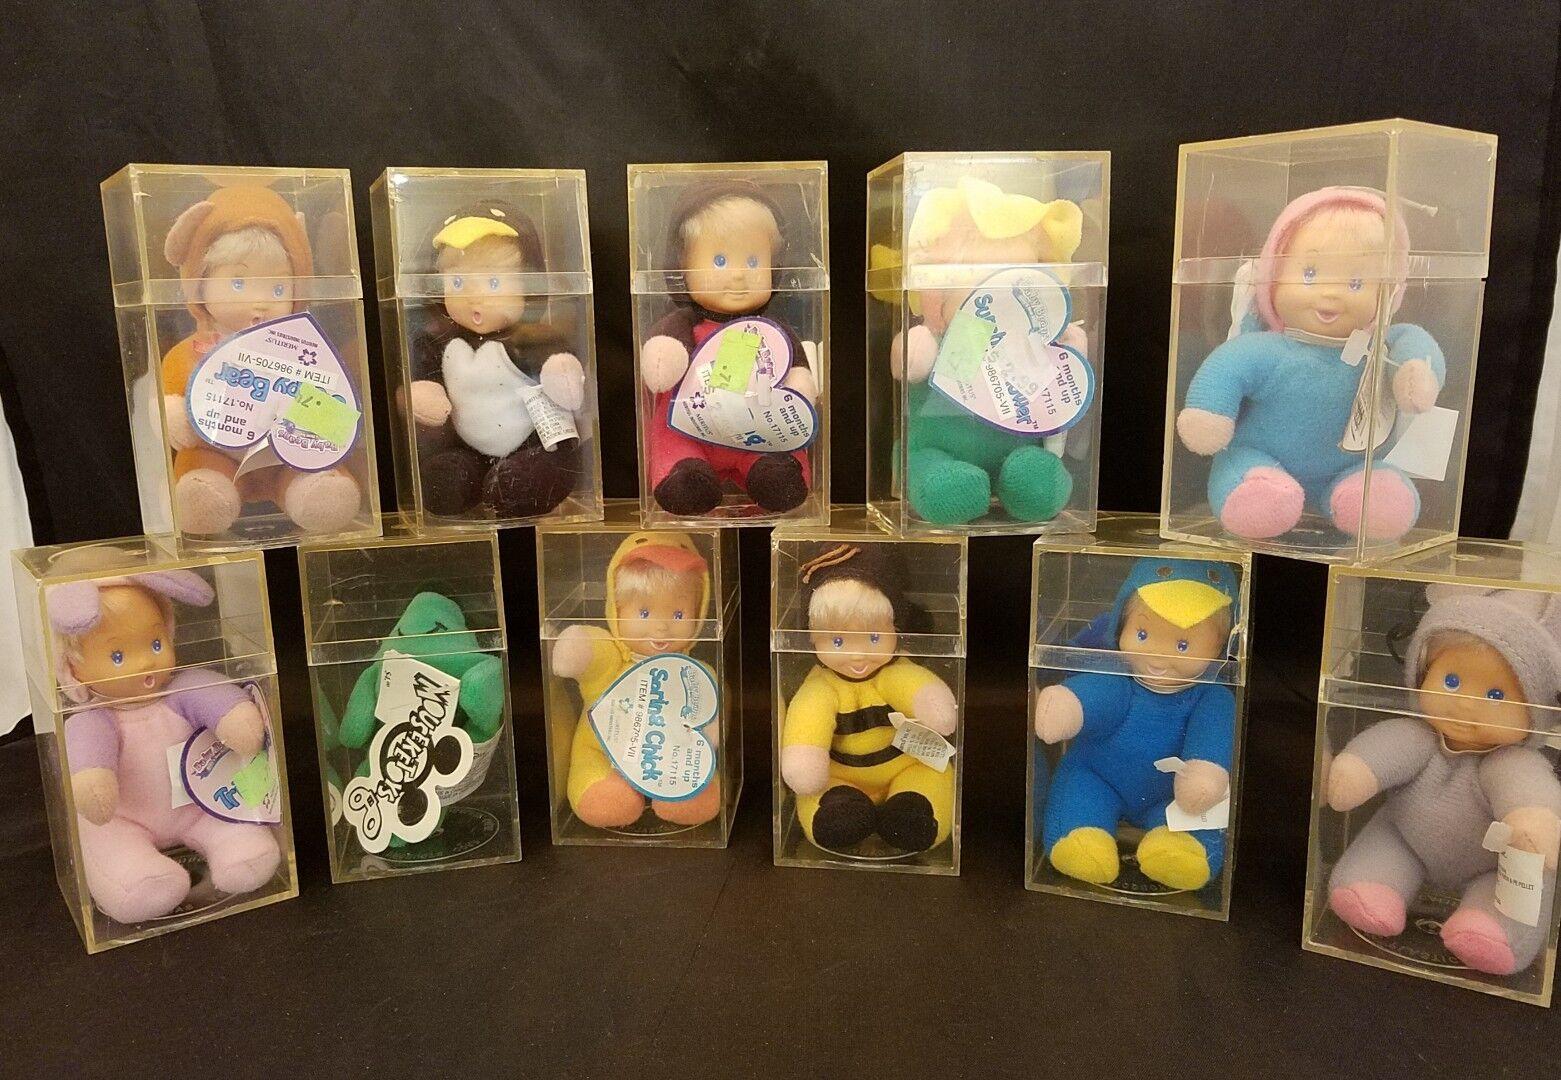 1997 Large Lot of MERITUS MERITUS MERITUS 4.5  Mini Bean Bag Plush Dolls - 11 Total 9f3f33